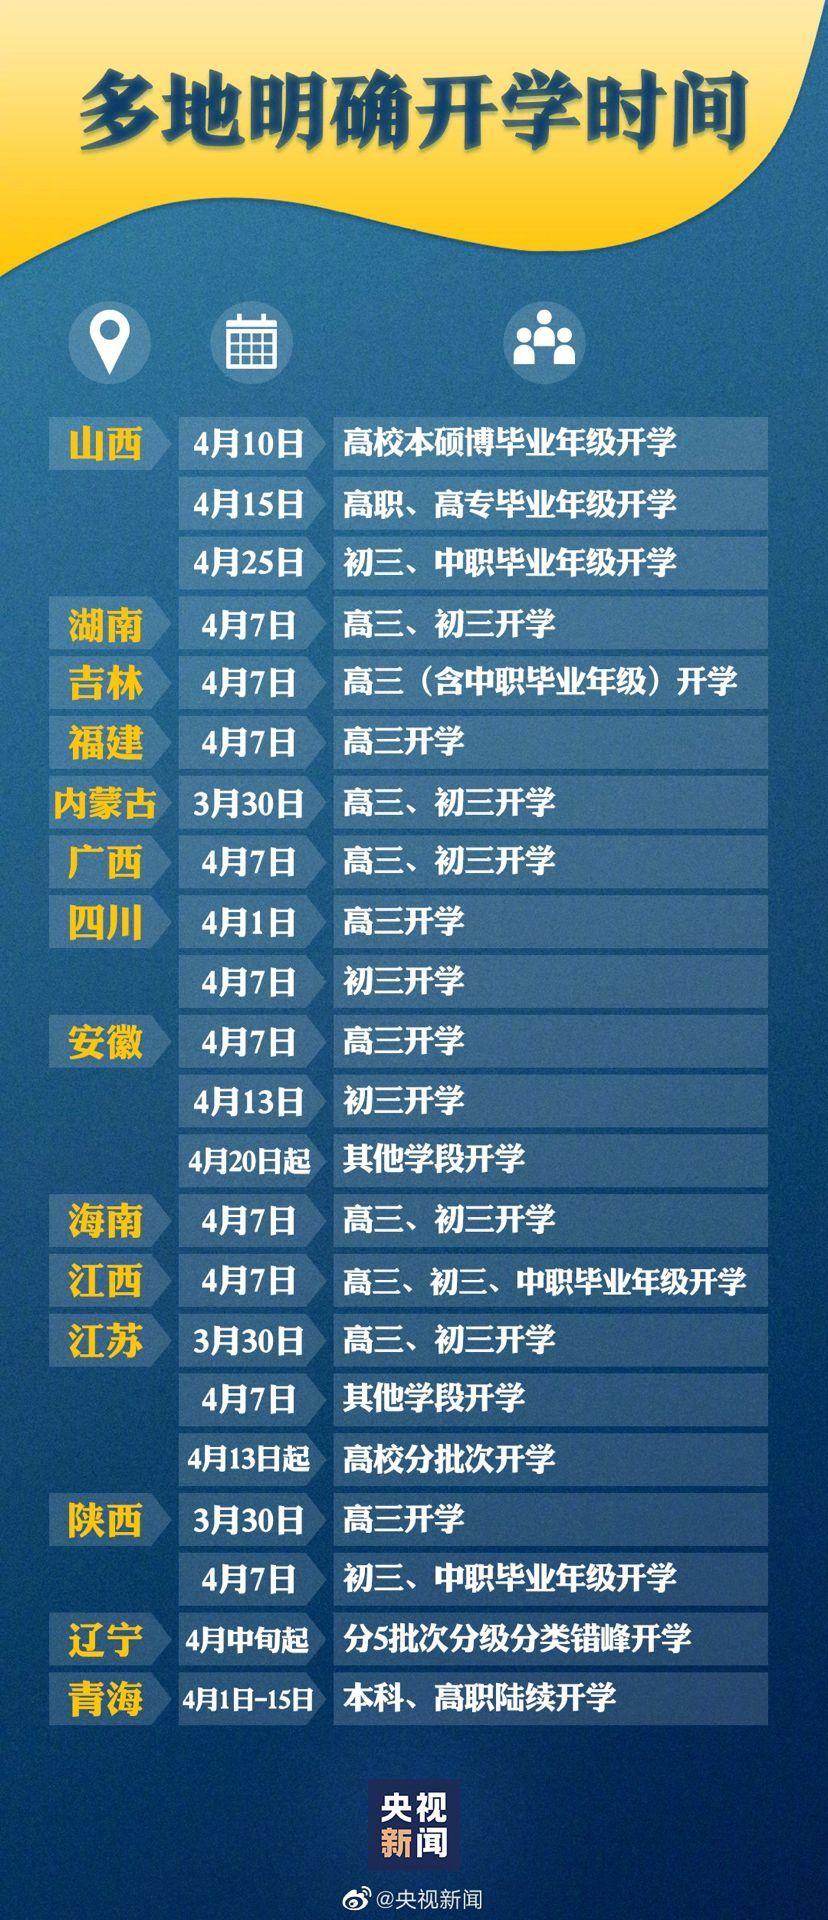 全国24个地区确定开学时间表